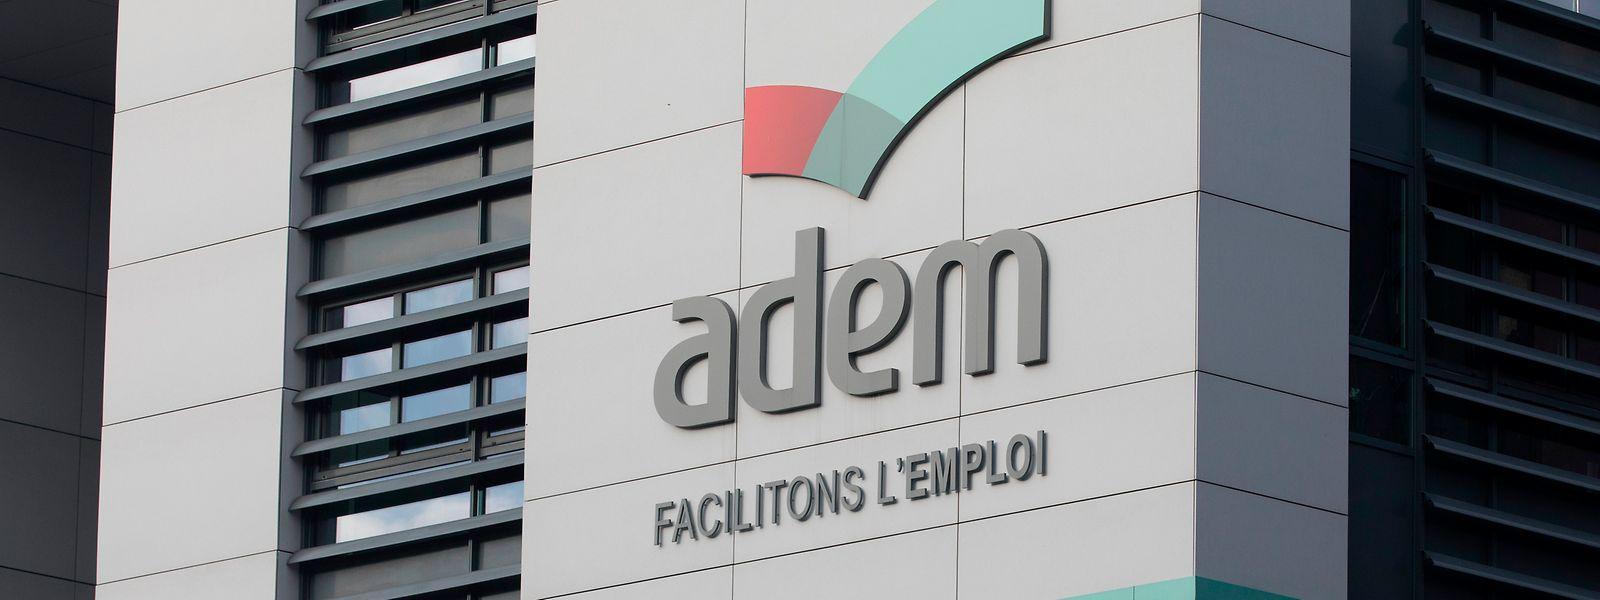 Le mois dernier, l'ADEM a ouvert 3.038 nouveaux dossiers de demandeurs d'emploi résidents, soit une hausse de 11% par rapport à octobre 2018.